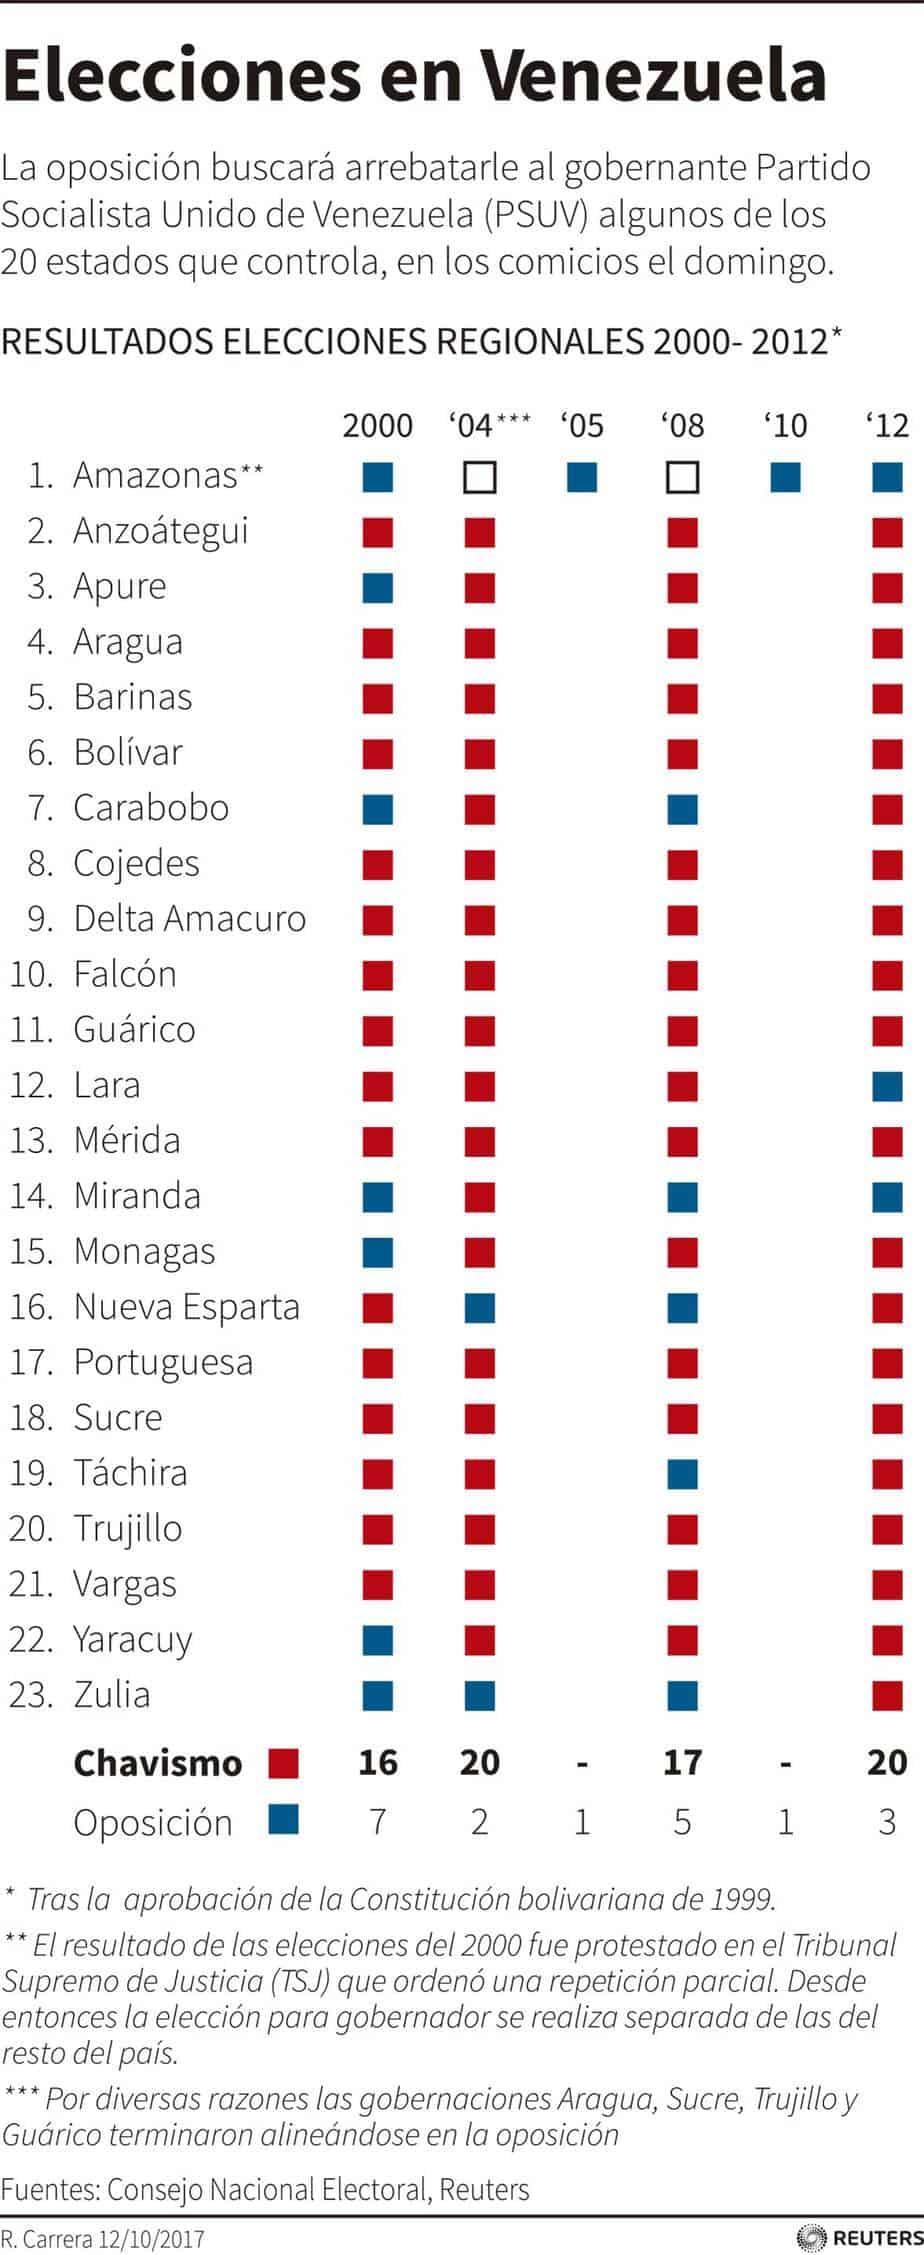 Resultados de las elecciones regionales en Venezuela tras la aprobación de la constitución bolivariana de 1999